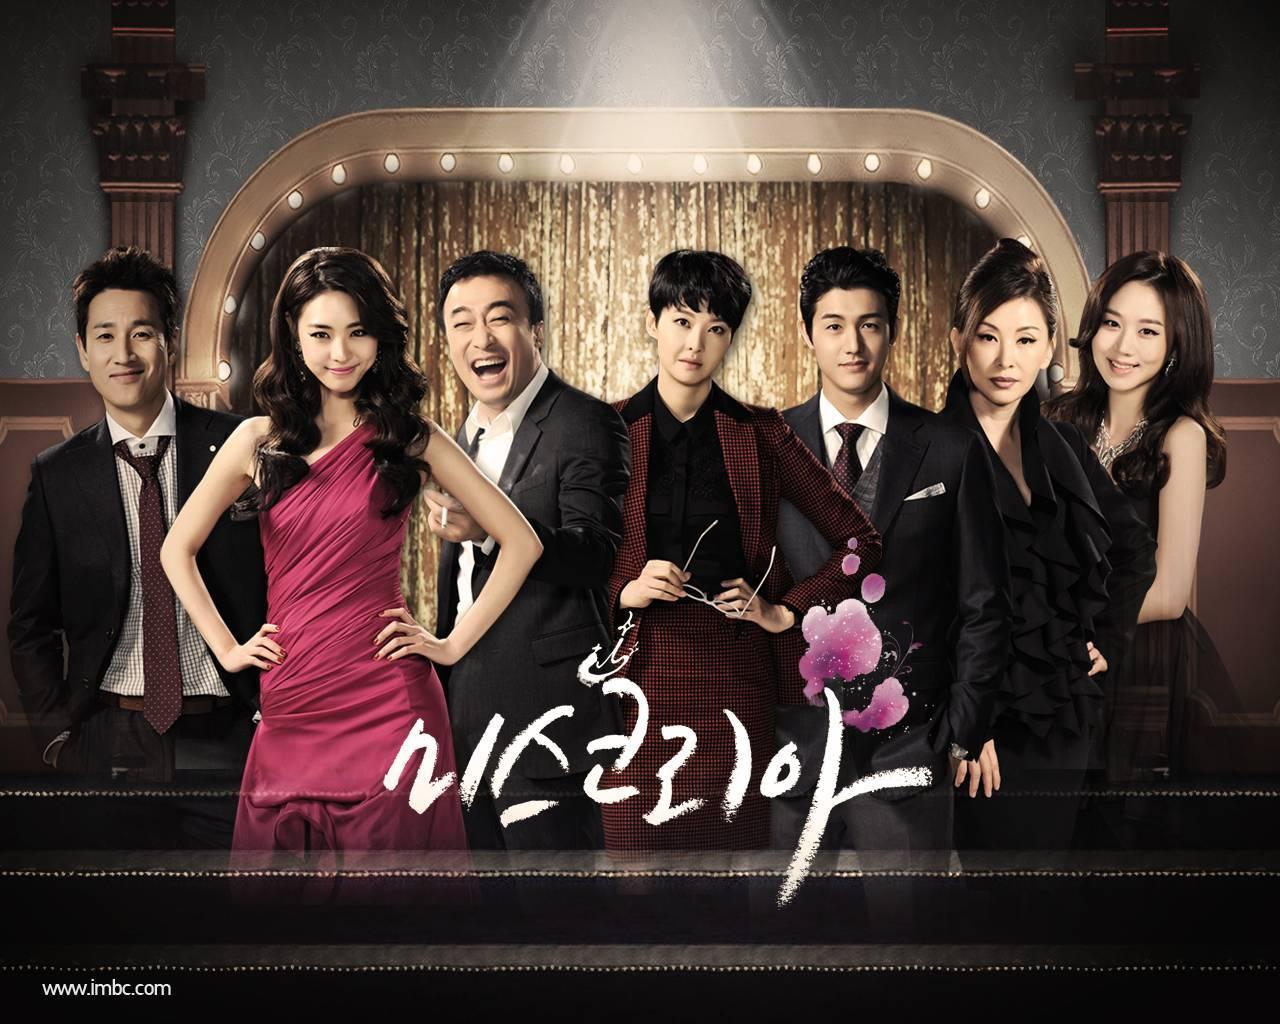 Resultado de imagem para MISS KOREA  DORAMA poster